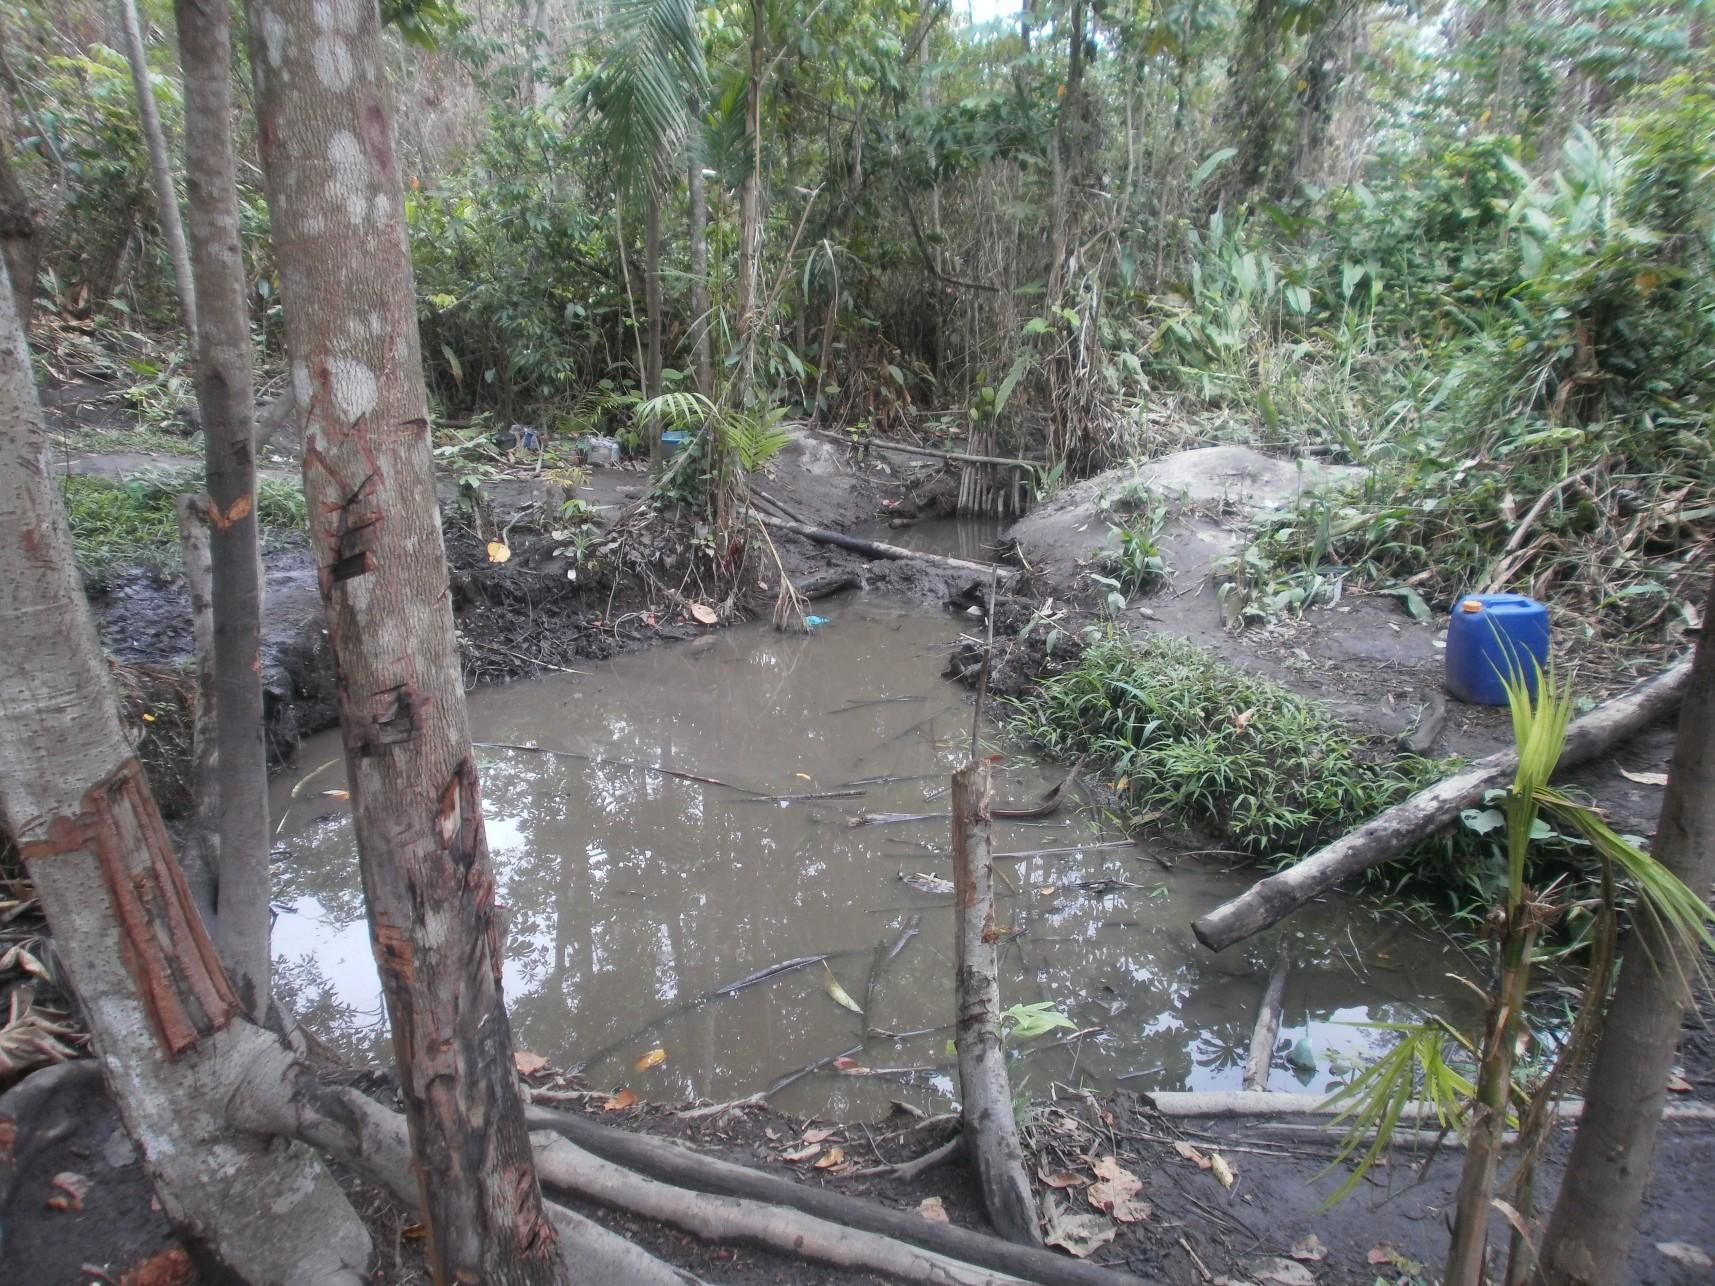 04) Sickening 'drinking' water source